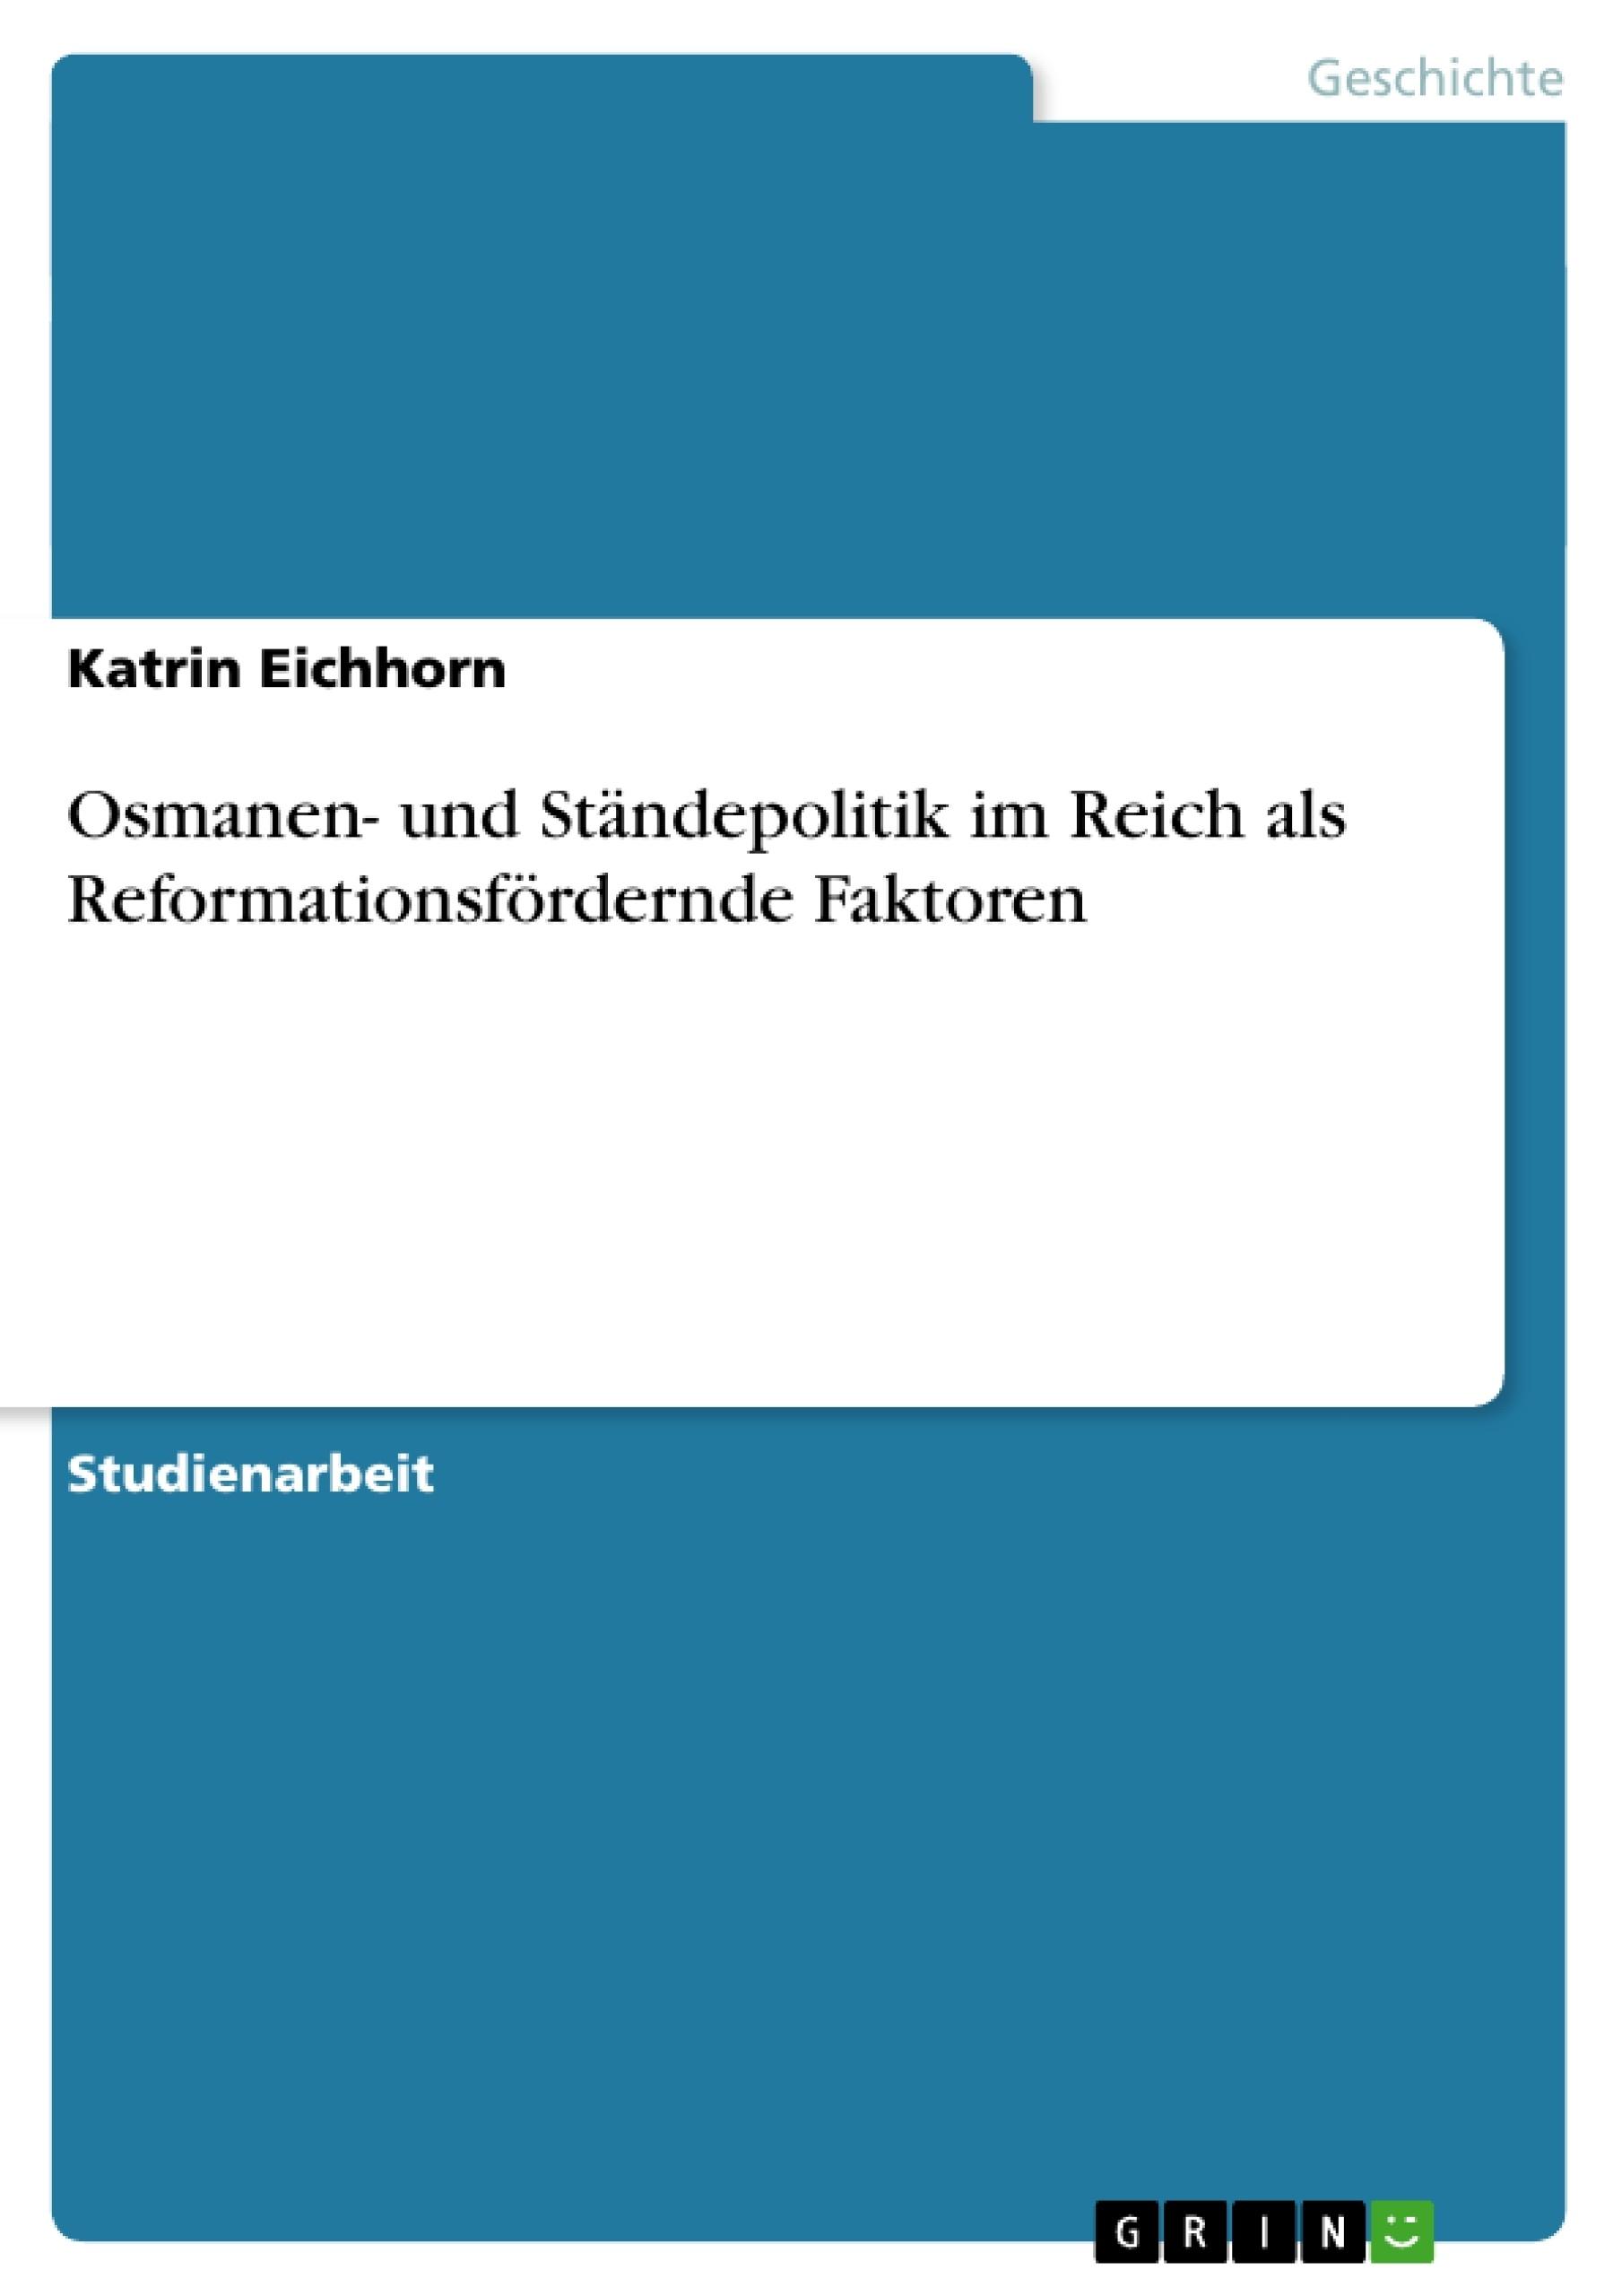 Titel: Osmanen- und Ständepolitik im Reich als Reformationsfördernde Faktoren